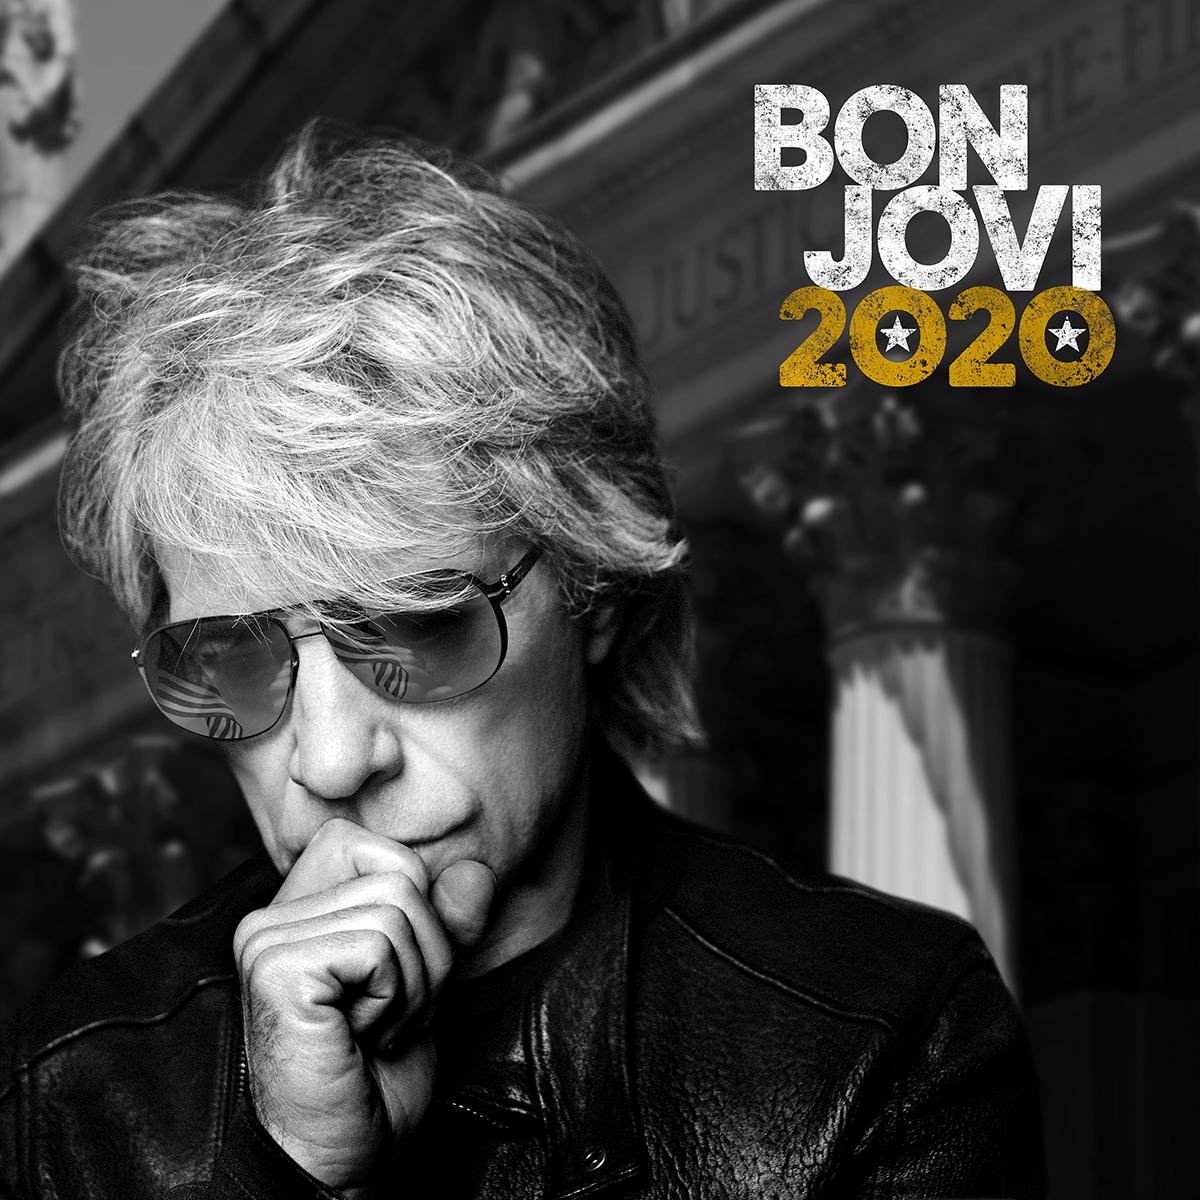 Bon Jovi 2020 Album Artwork